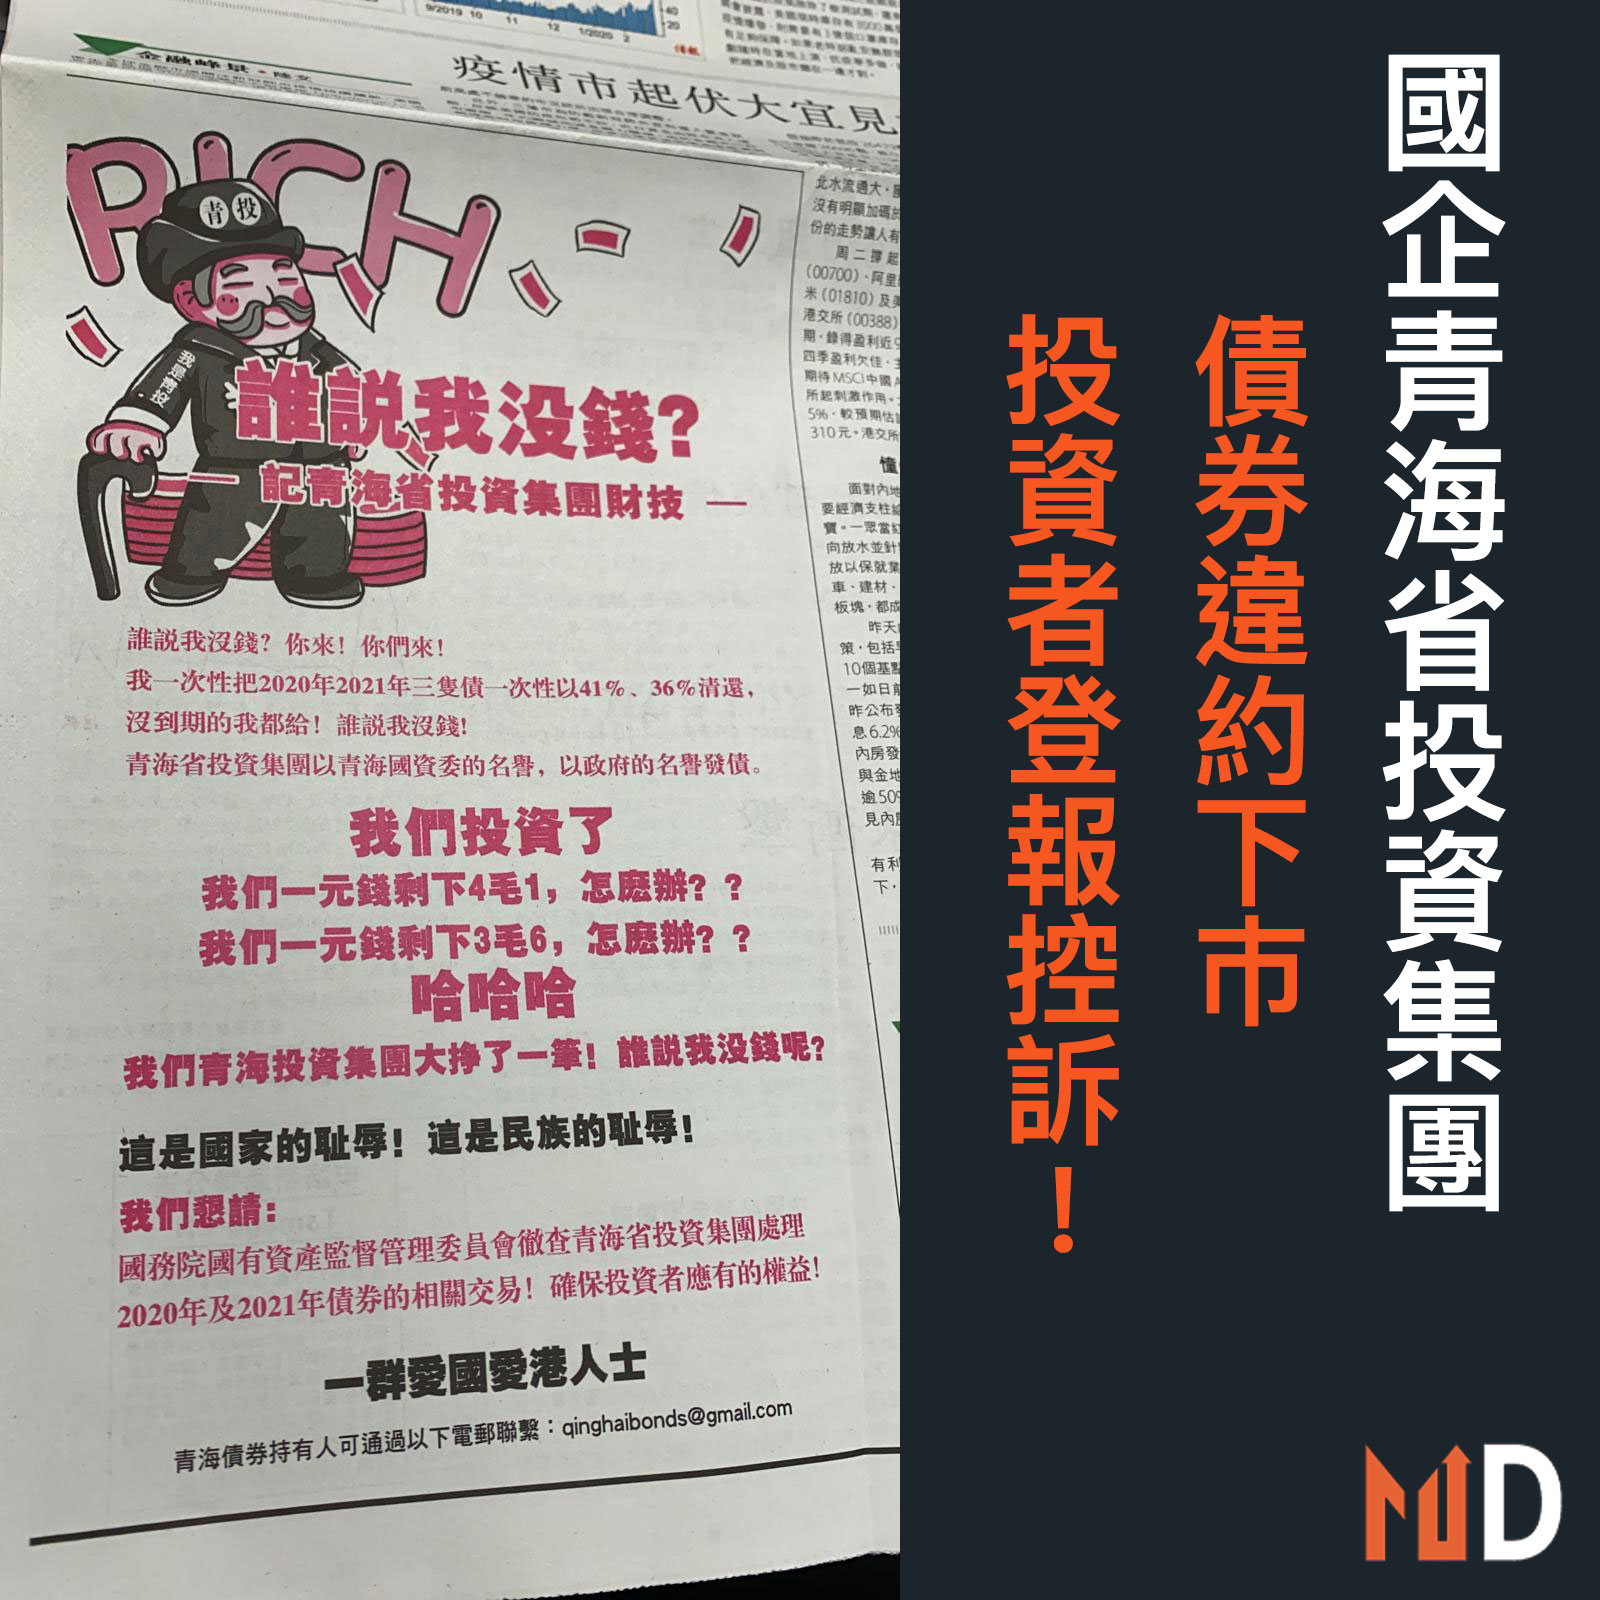 【市場熱話】國企青海省投資集團債券違約下巿,投資者登報控訴